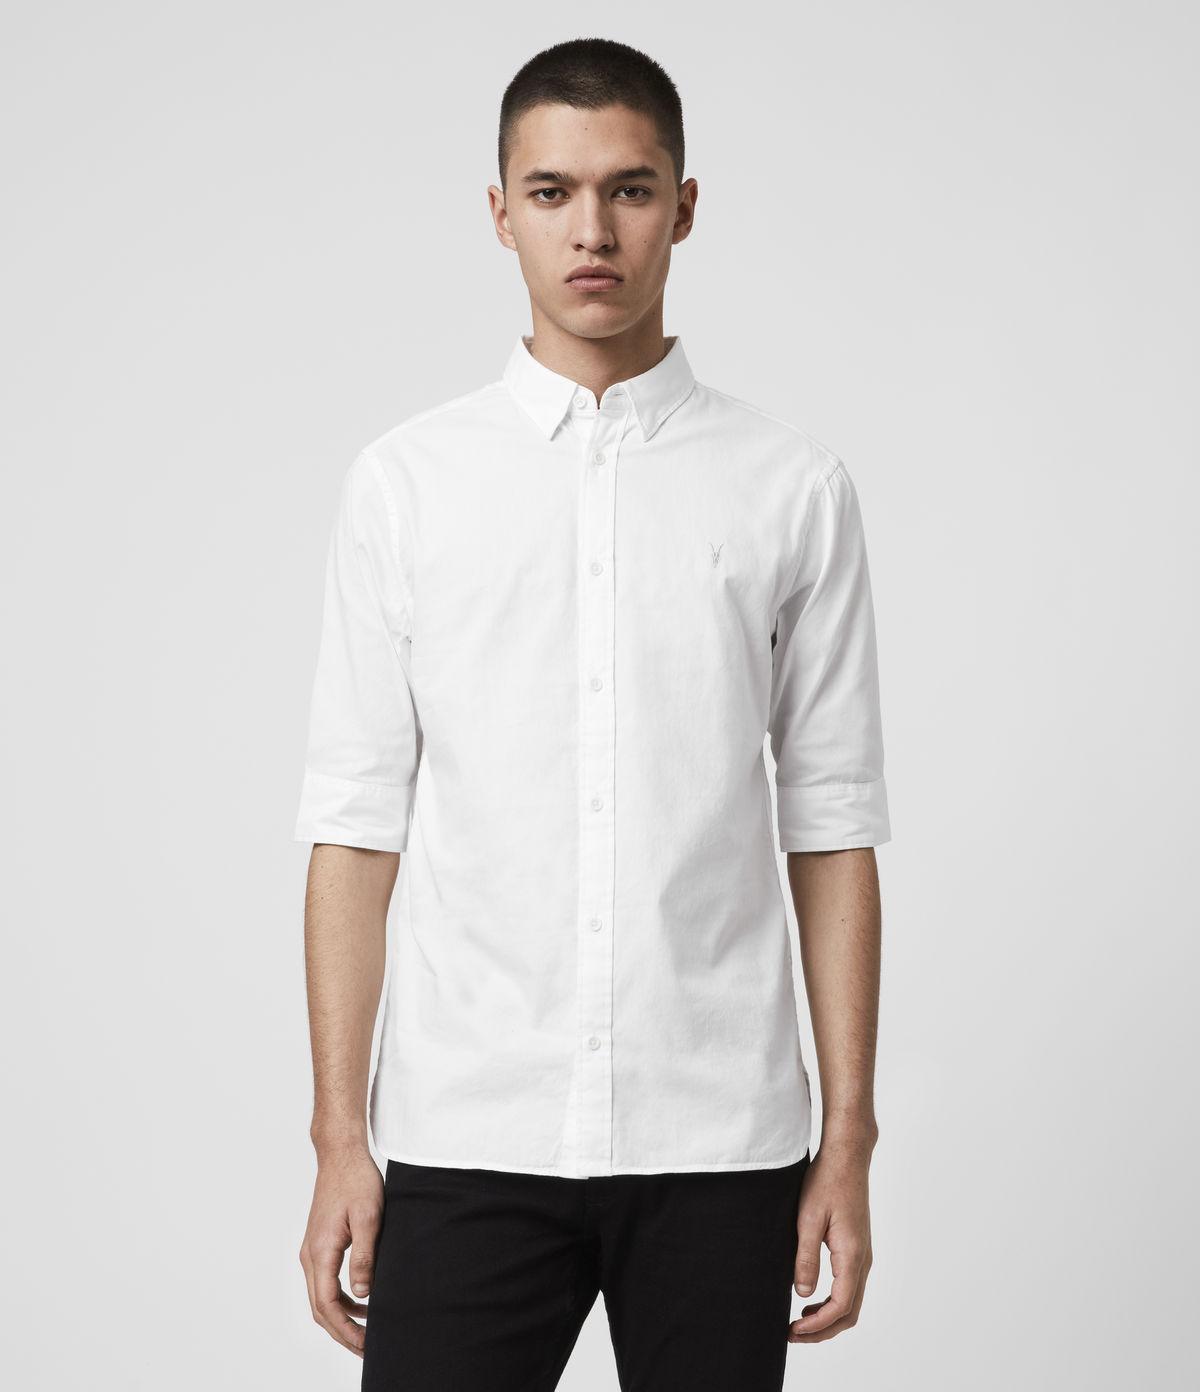 redondo-half-sleeved-shirt